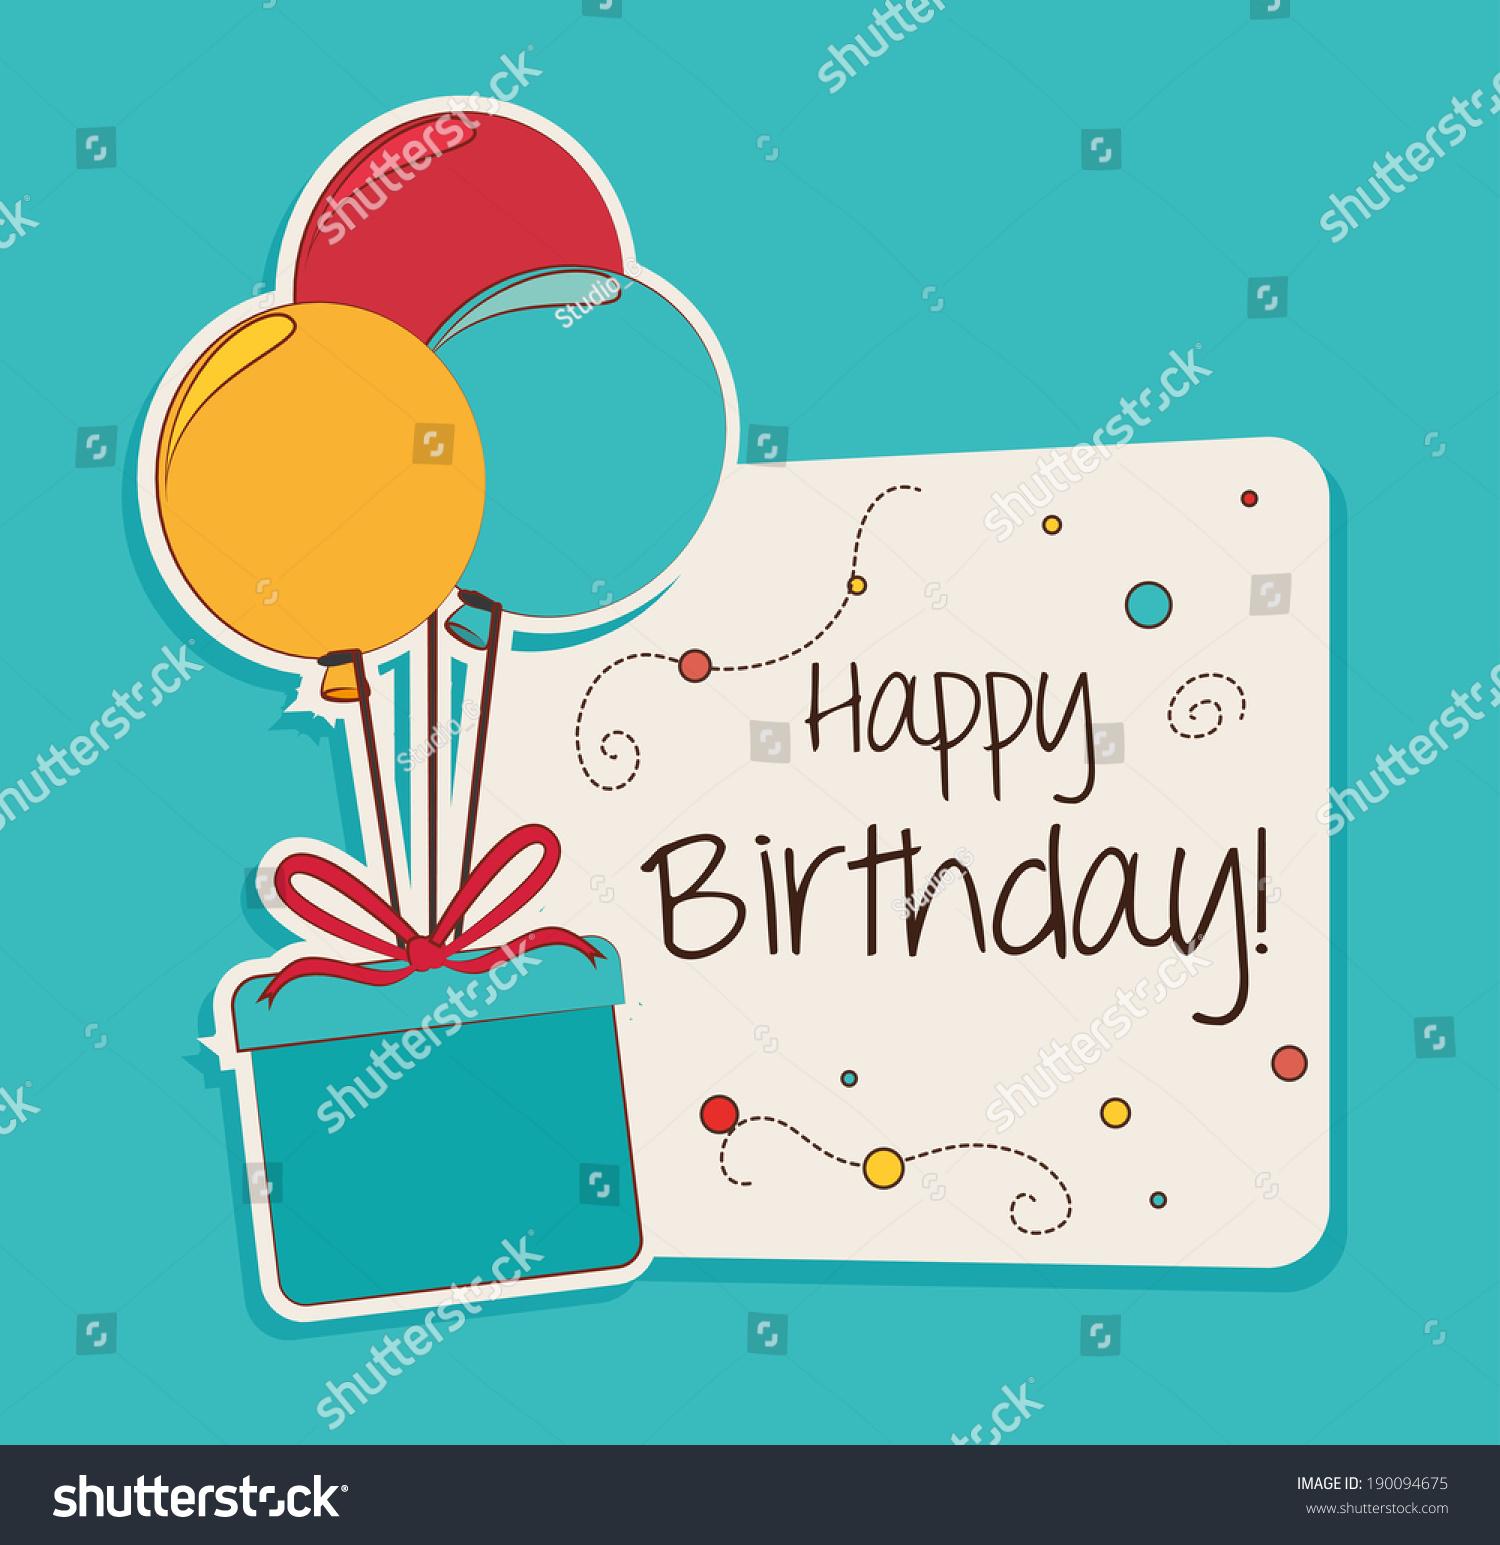 生日快乐在蓝色背景设计,矢量插图